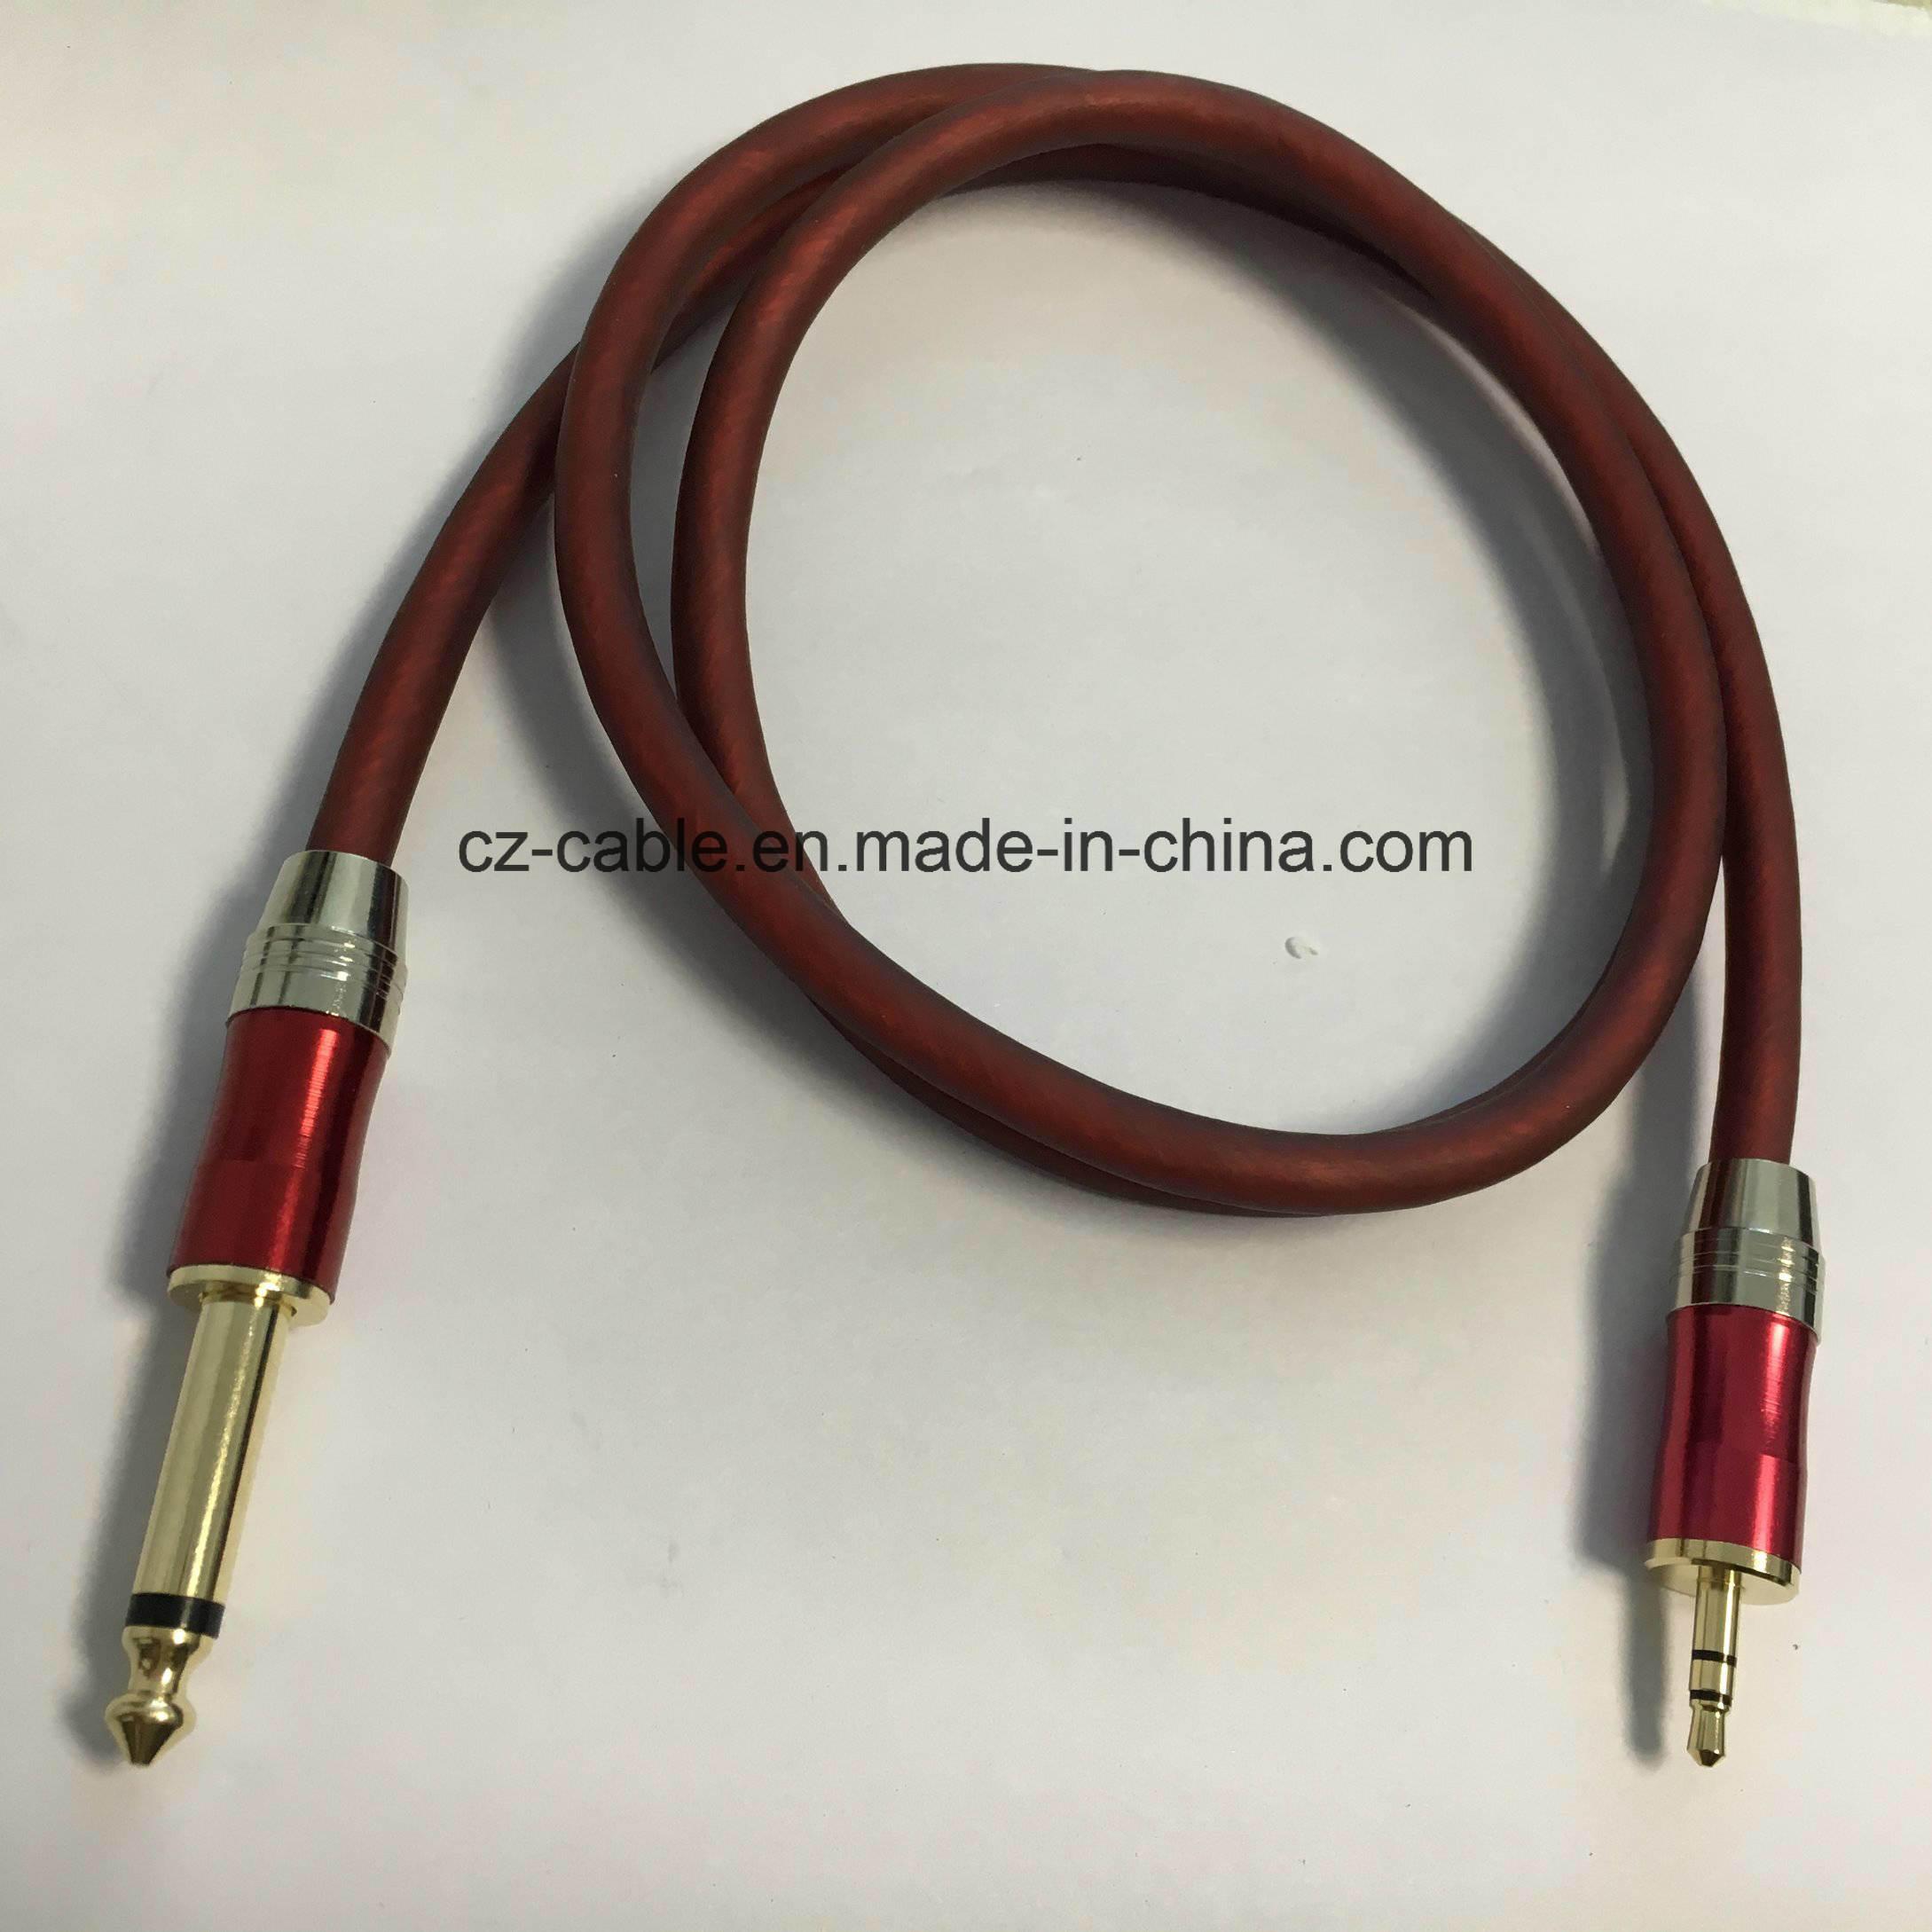 3.5mm Stereo Plug to 6.35mm Mono Plug Phone Cable